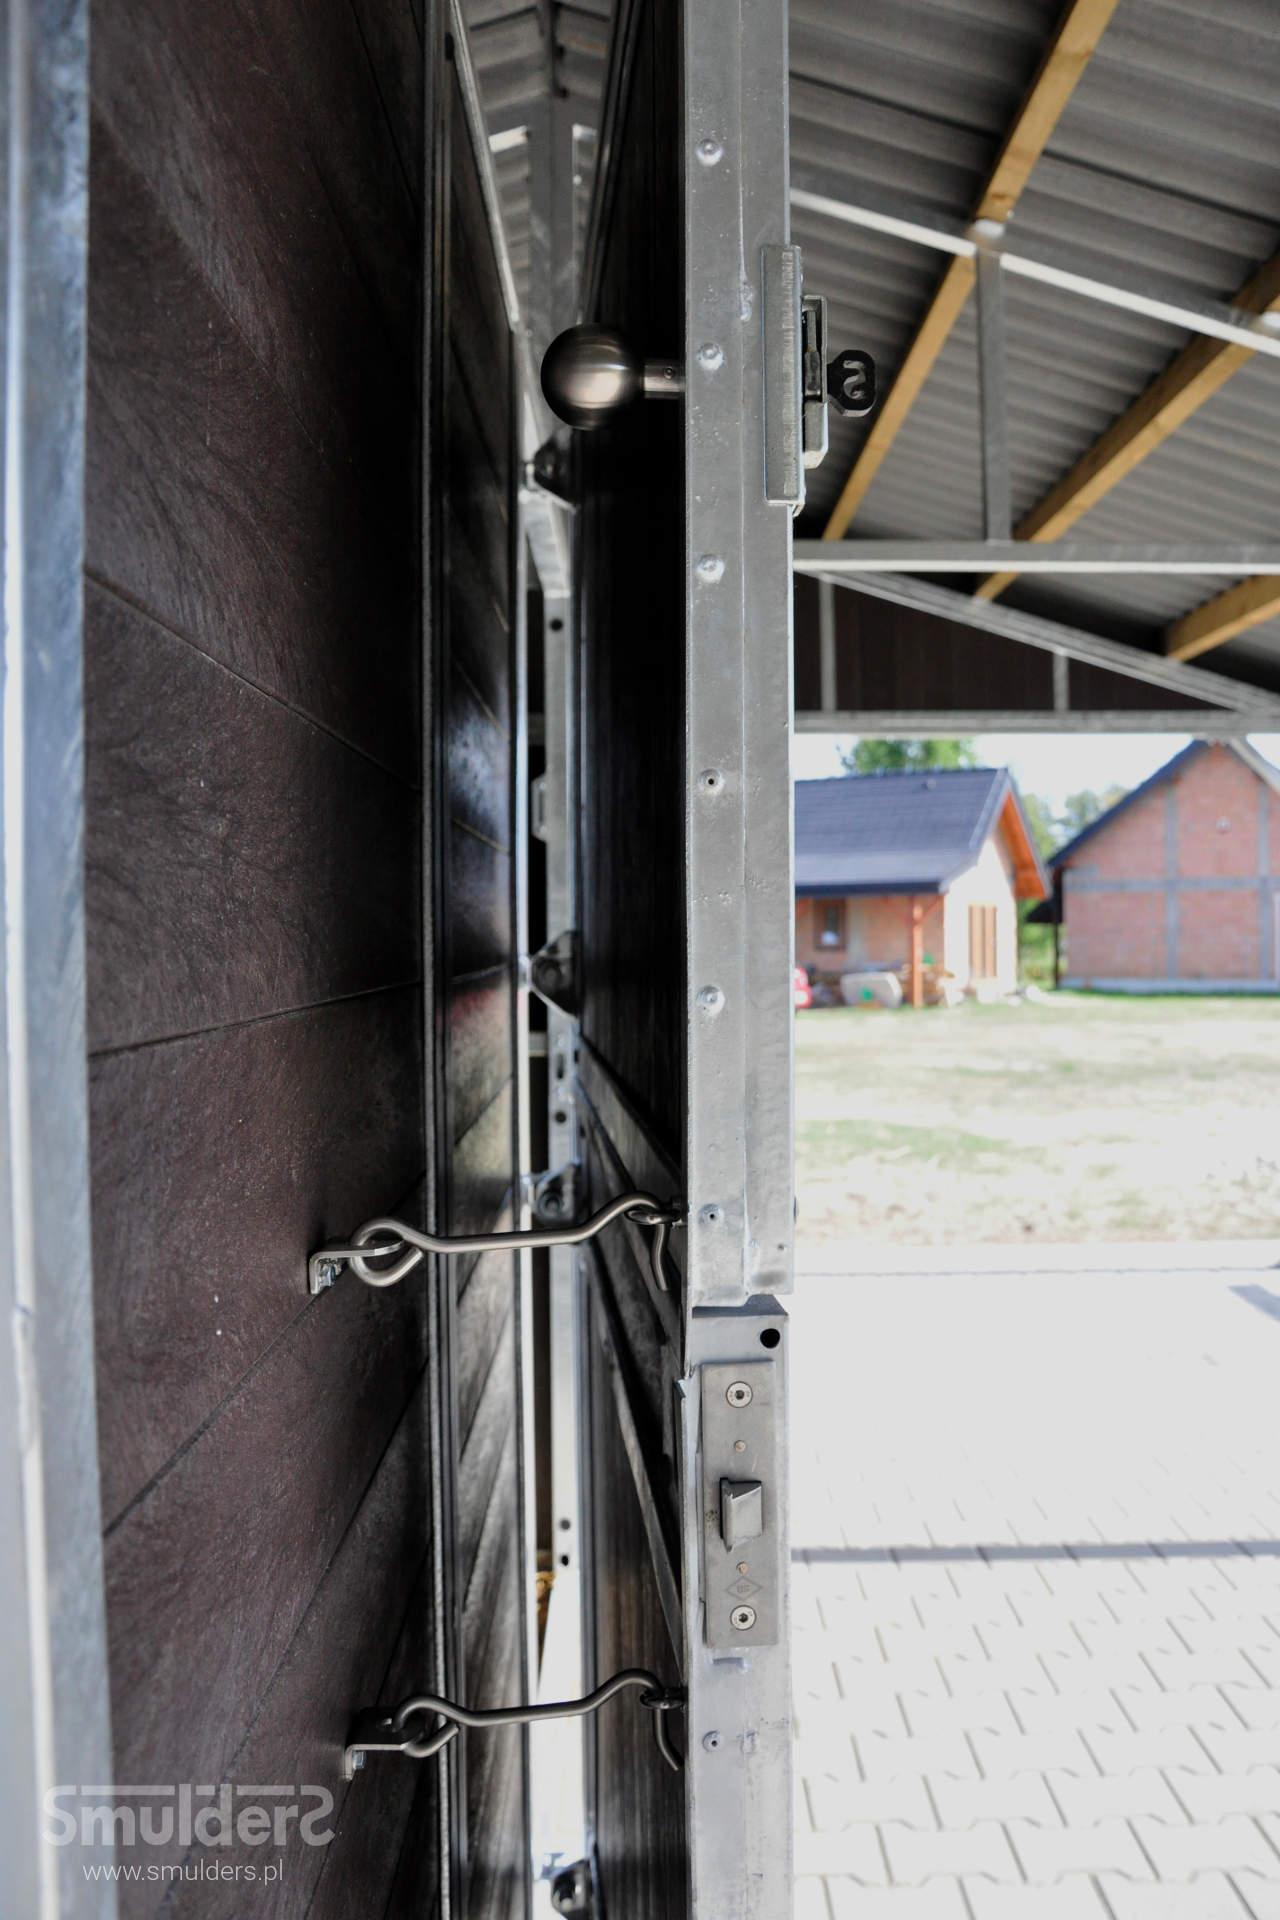 https://www.smulders.pl/wp-content/uploads/2019/07/f006_outdoor-stables_KCN_SMULDERS_PL.jpg